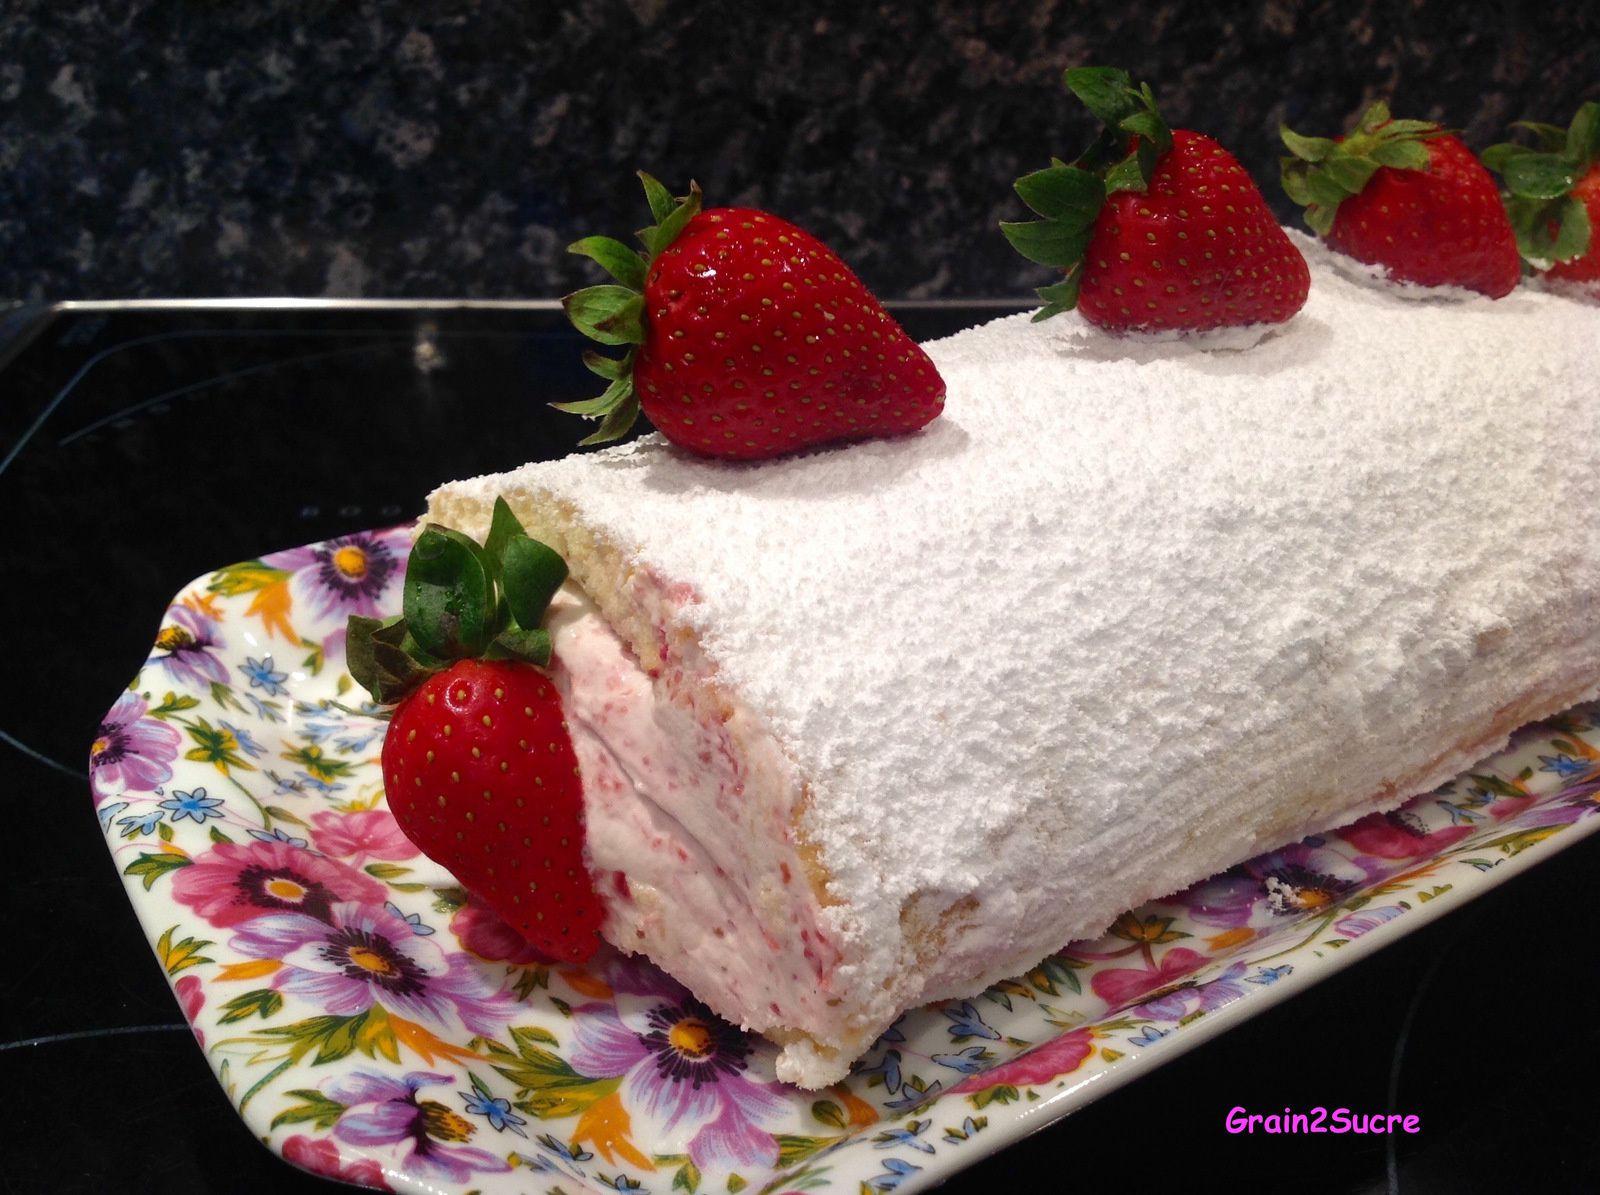 Grain2Sucre. Recette Roulé aux fraises : fraises, sucre en poudre, œufs, farine, crème fleurette, mascarpone...